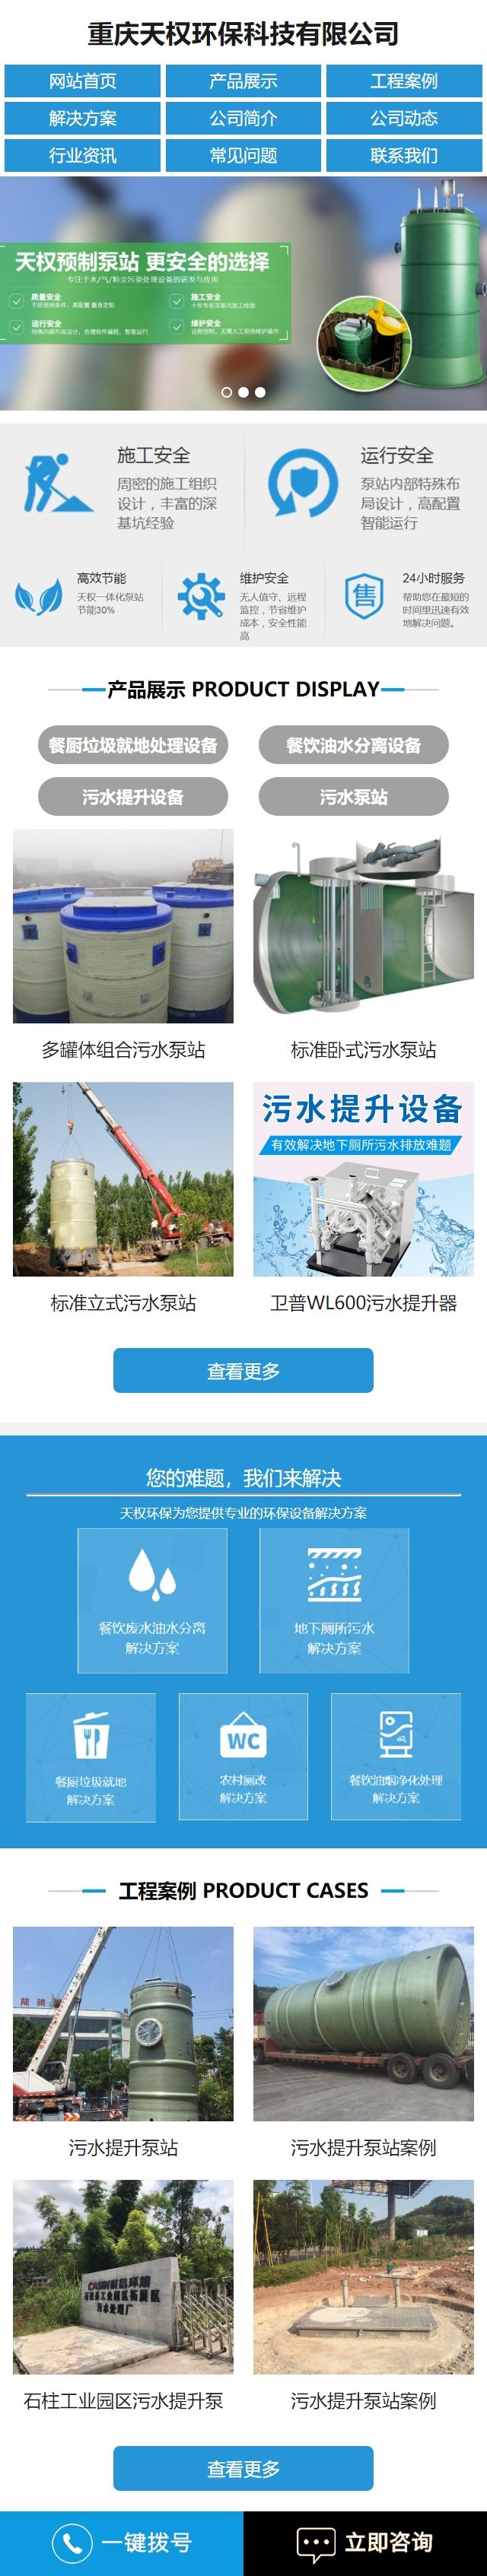 重庆天权环保科技有限公司手机站